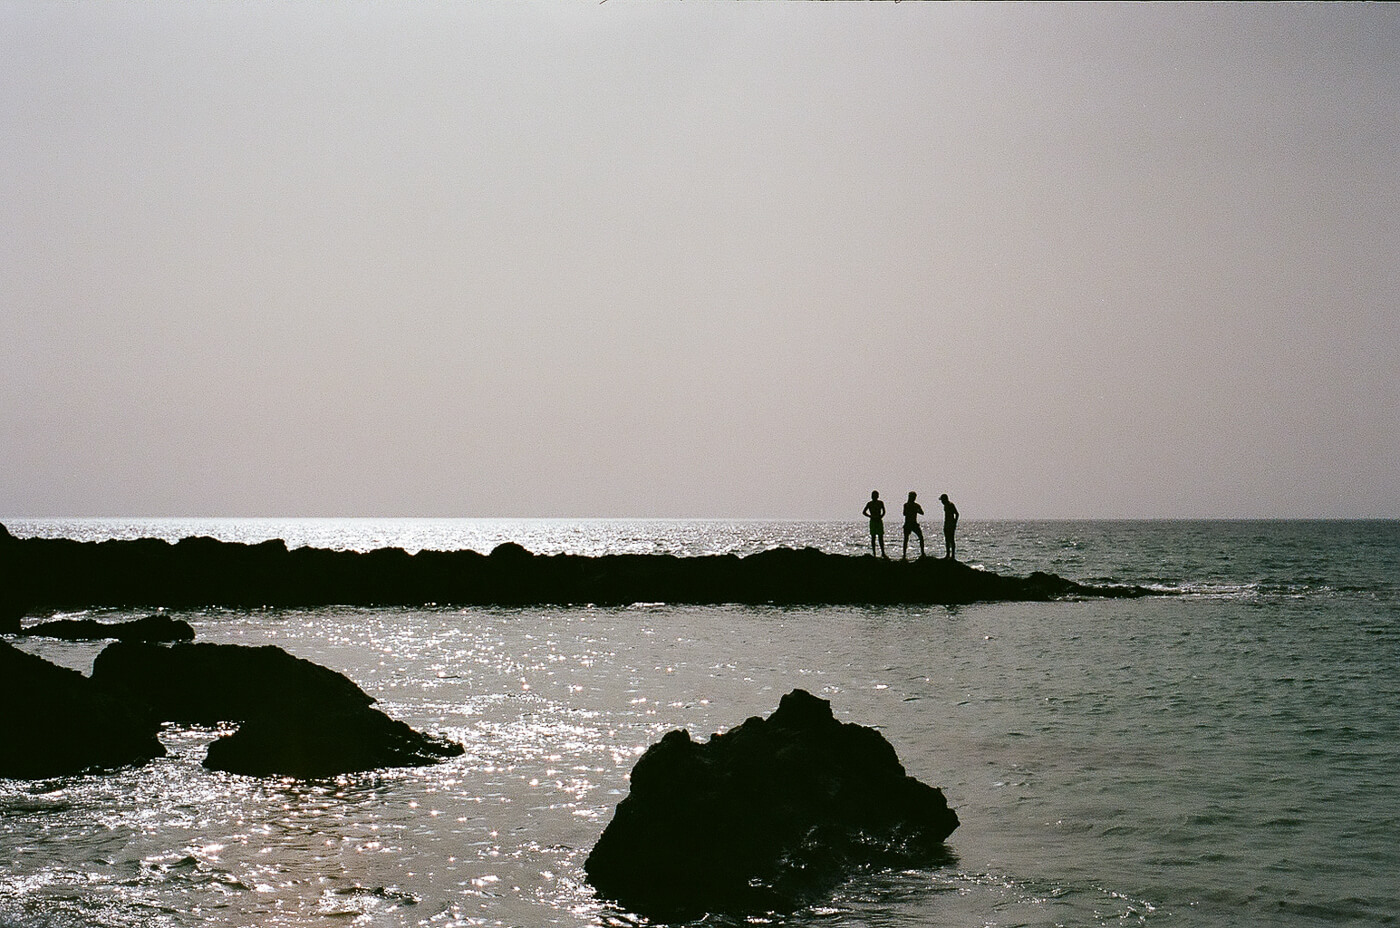 Greece Beach-2@2x.jpg